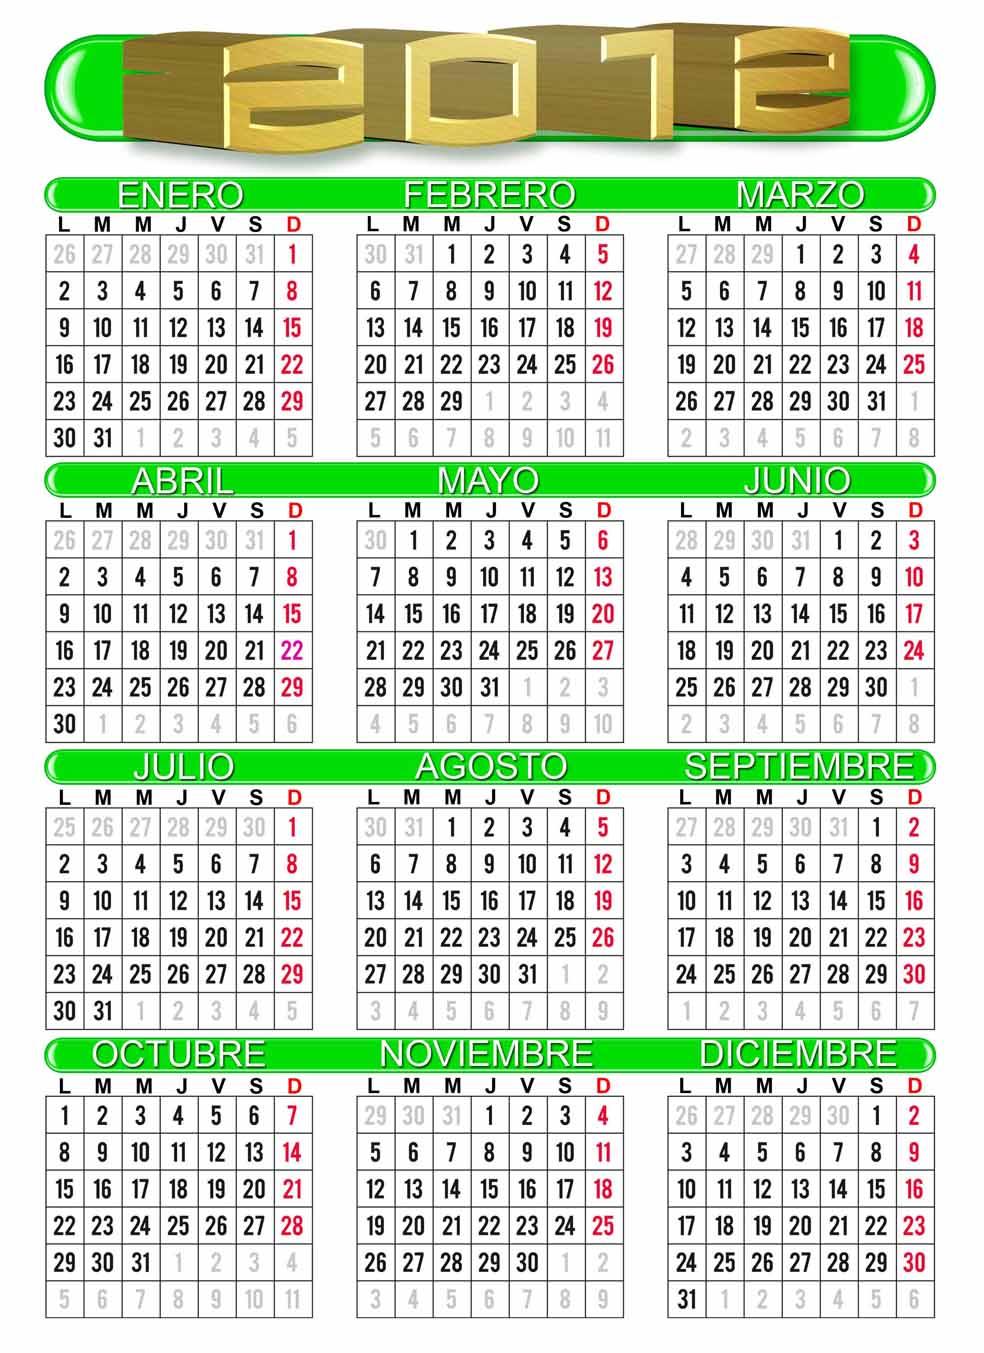 Desacarga Aqui Los Calendarios